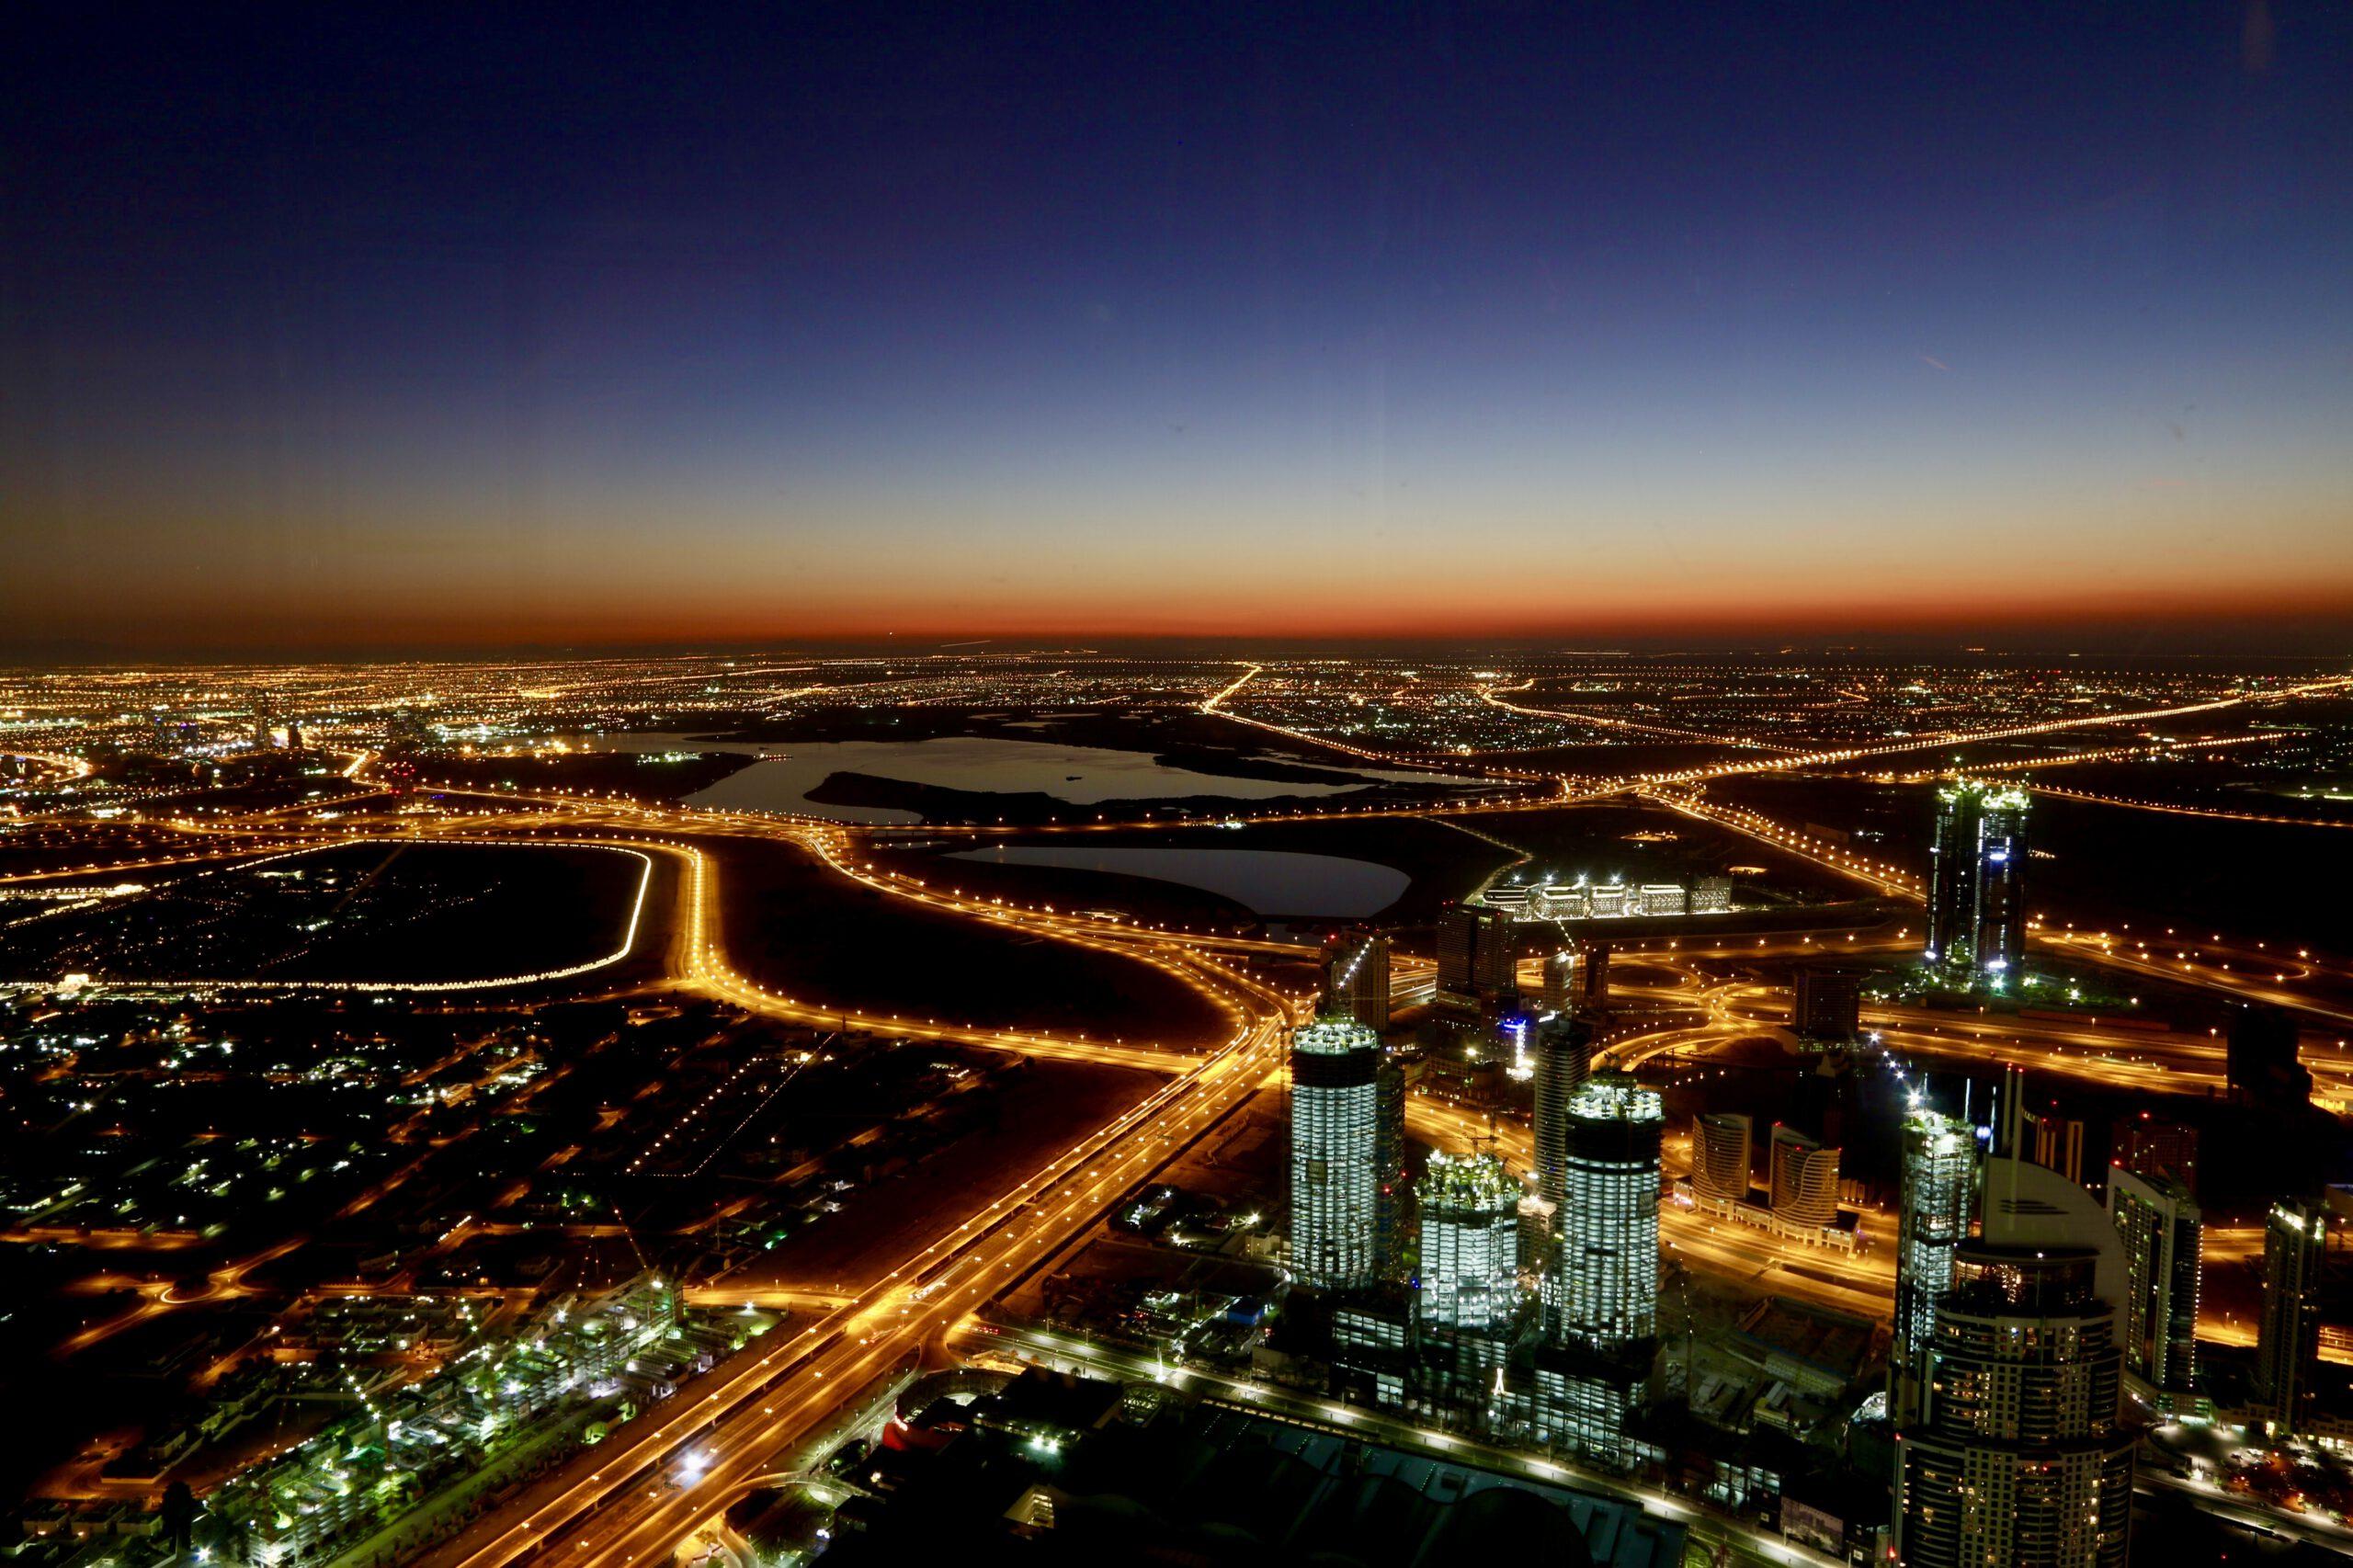 Ganz schön heiß! Die Vereinigten Arabischen Emirate